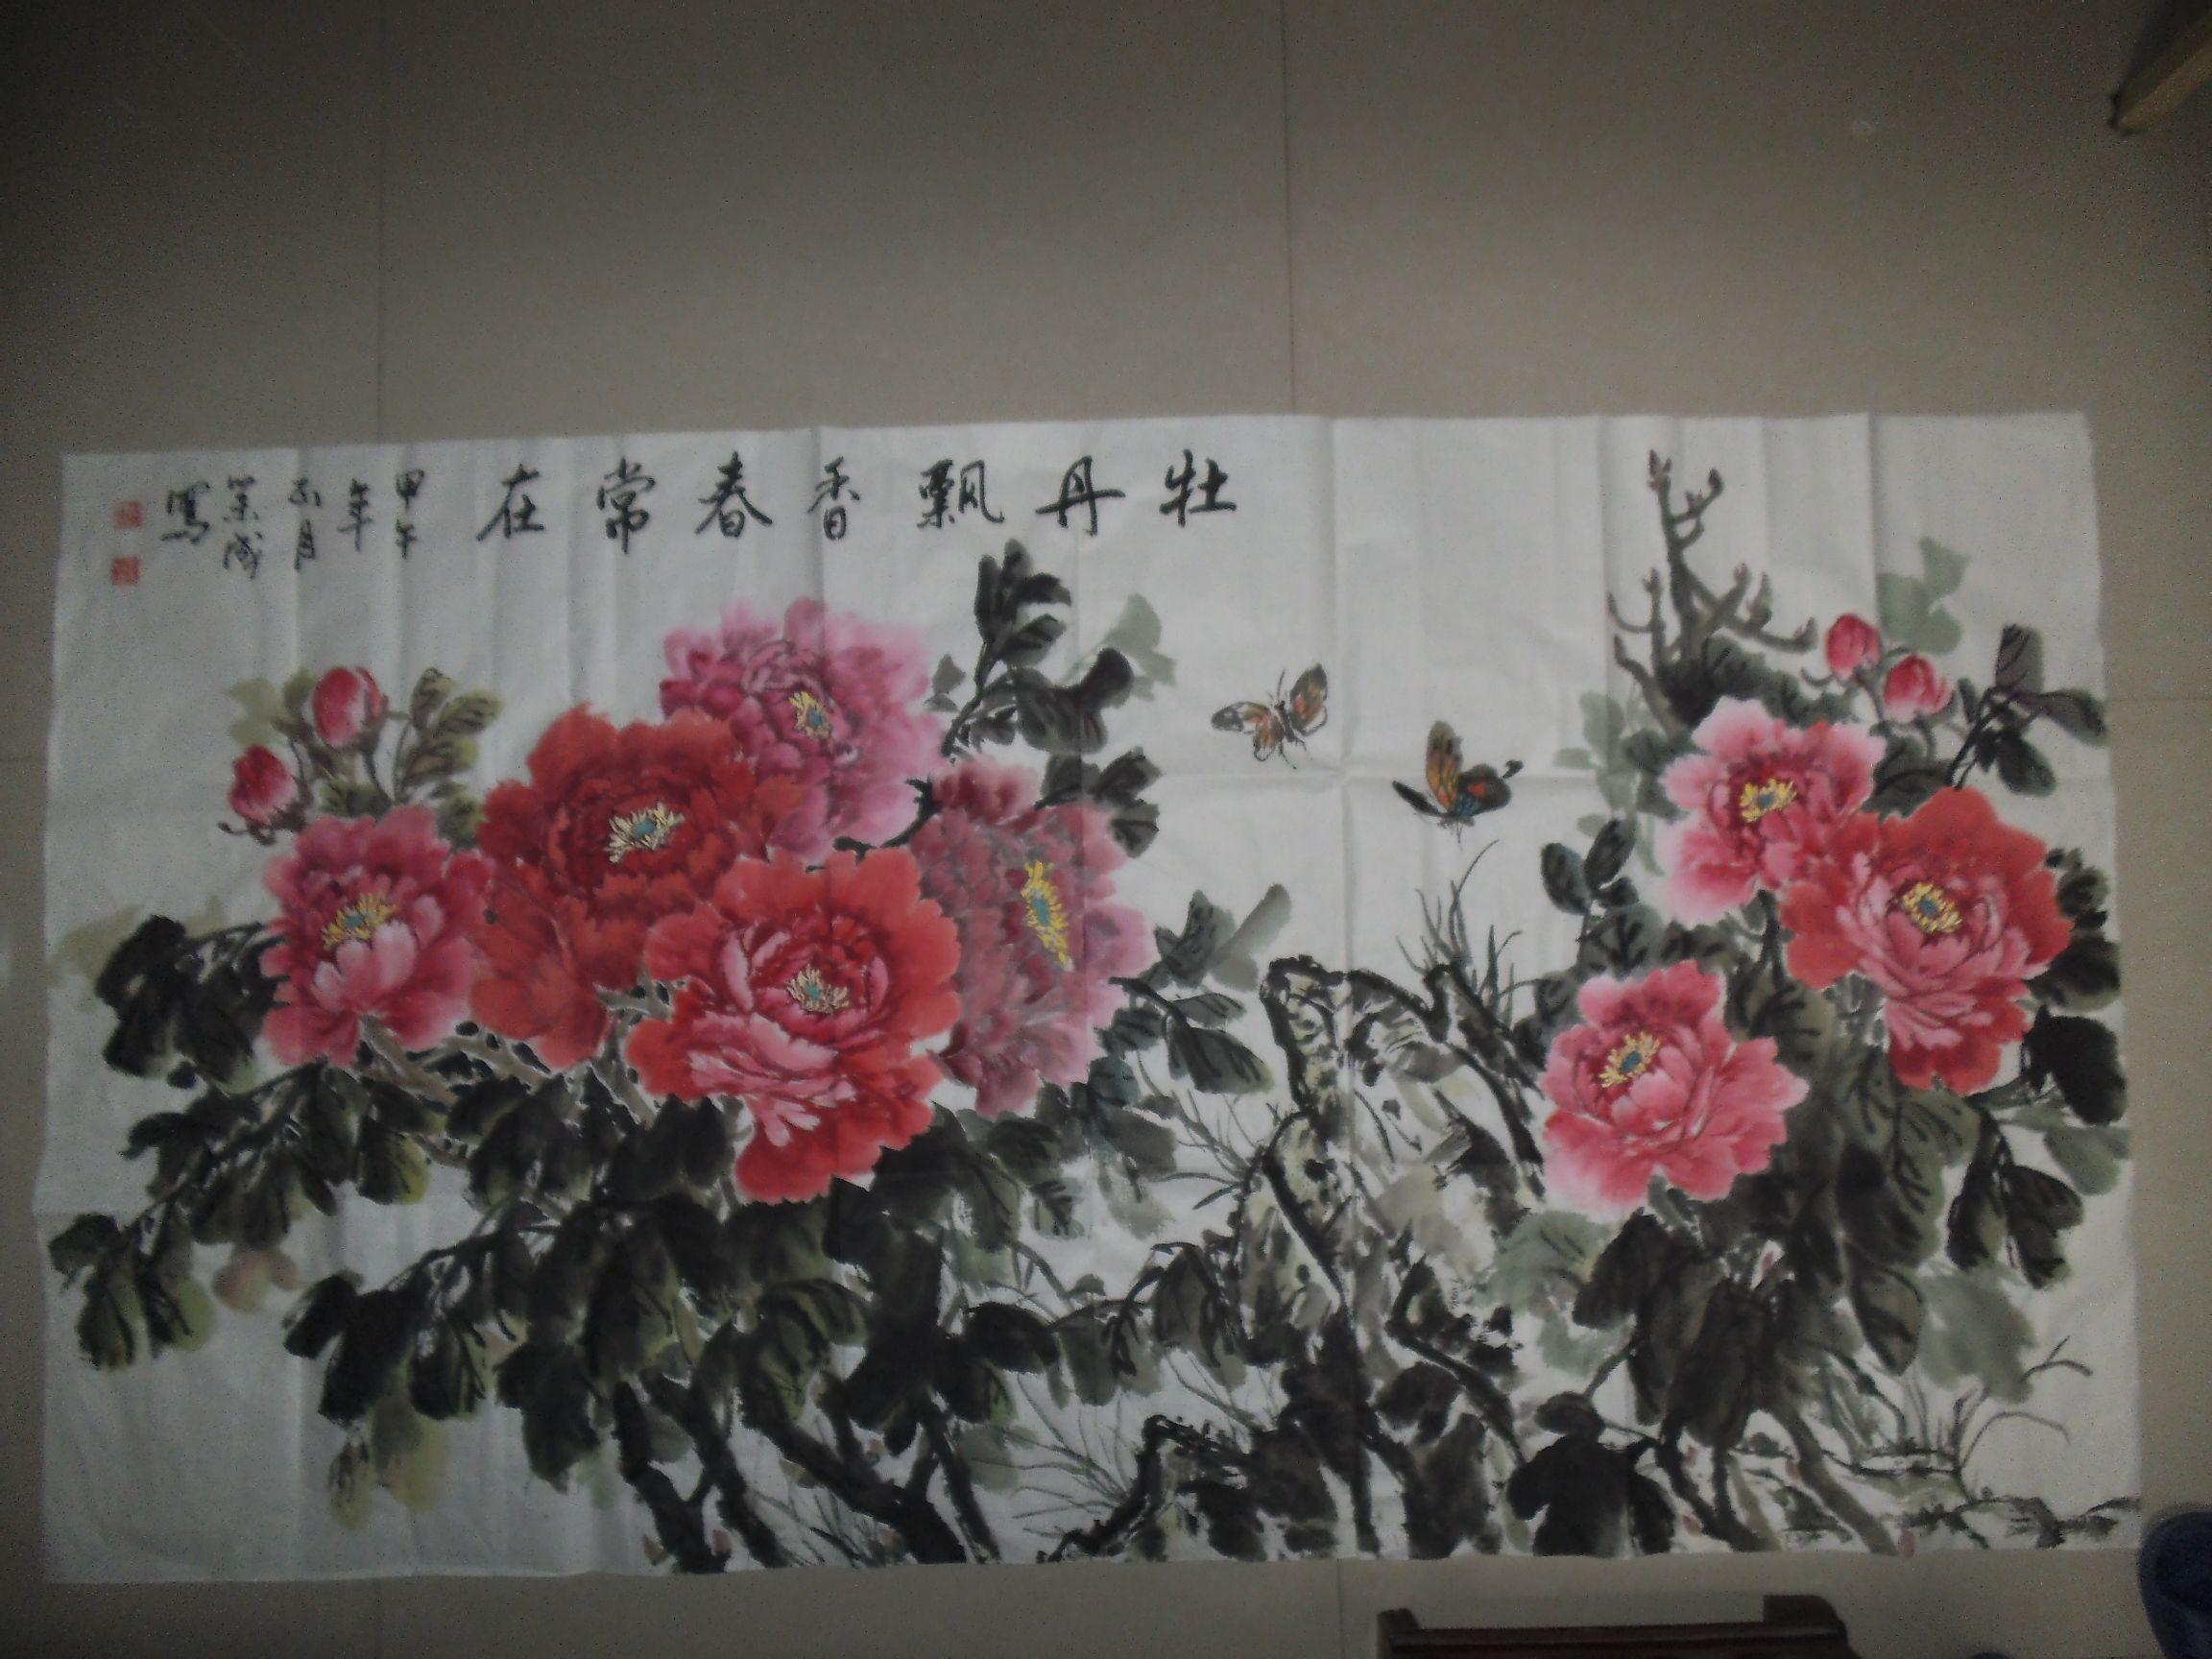 请教这幅牡丹花画怎么样?图片